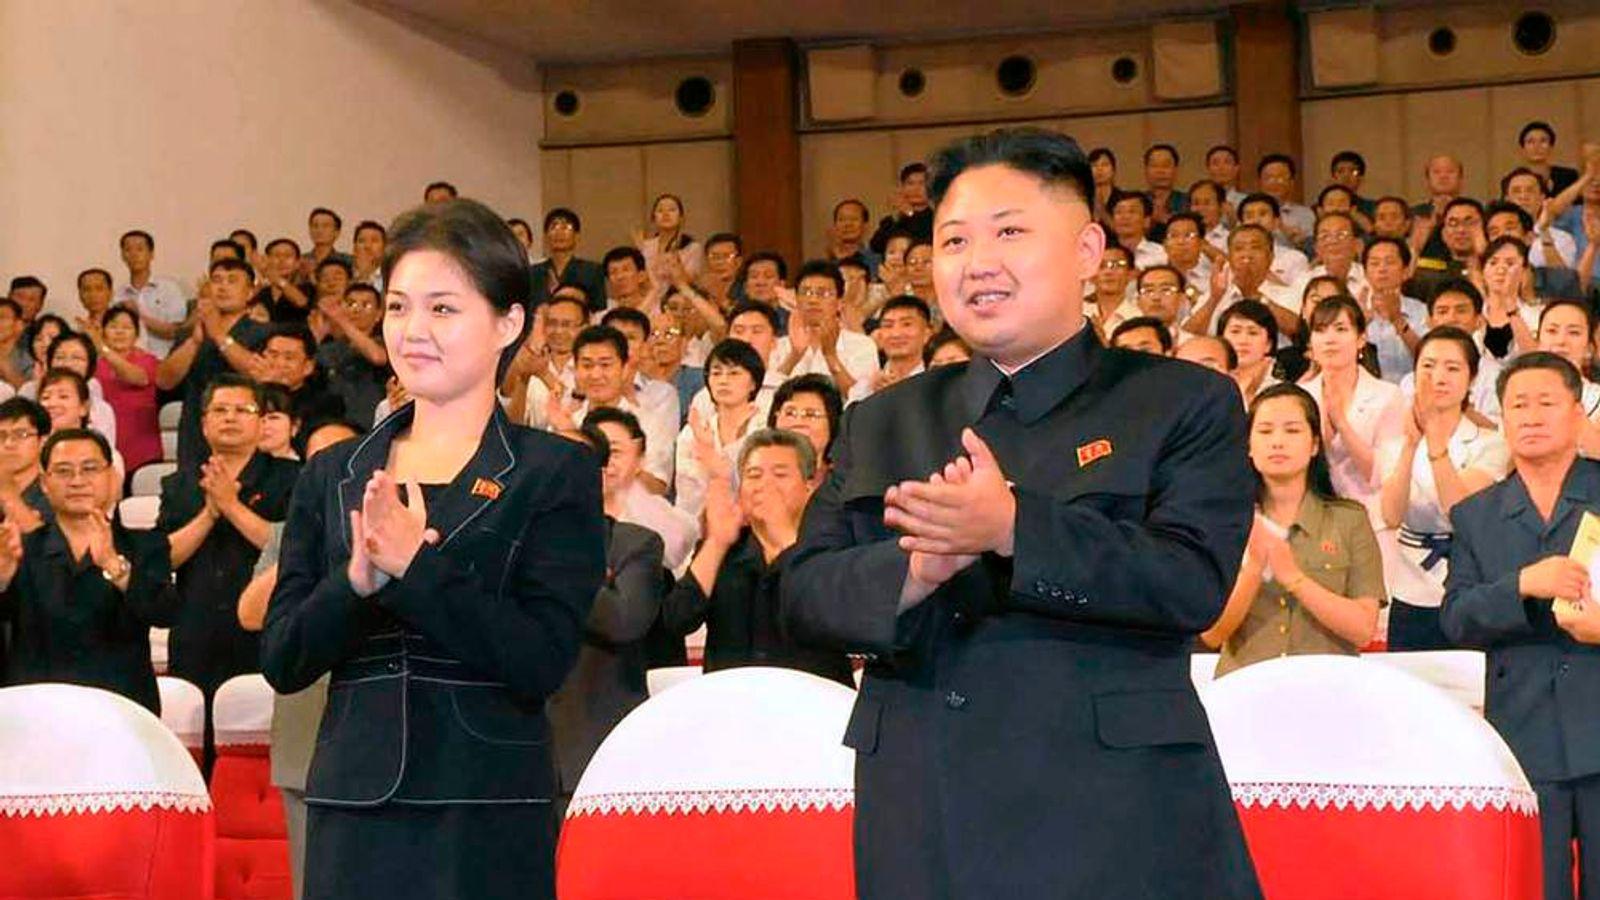 File photo of North Korean leader Kim Jong-Un and his wife Ri Sol-Ju in Pyongyang